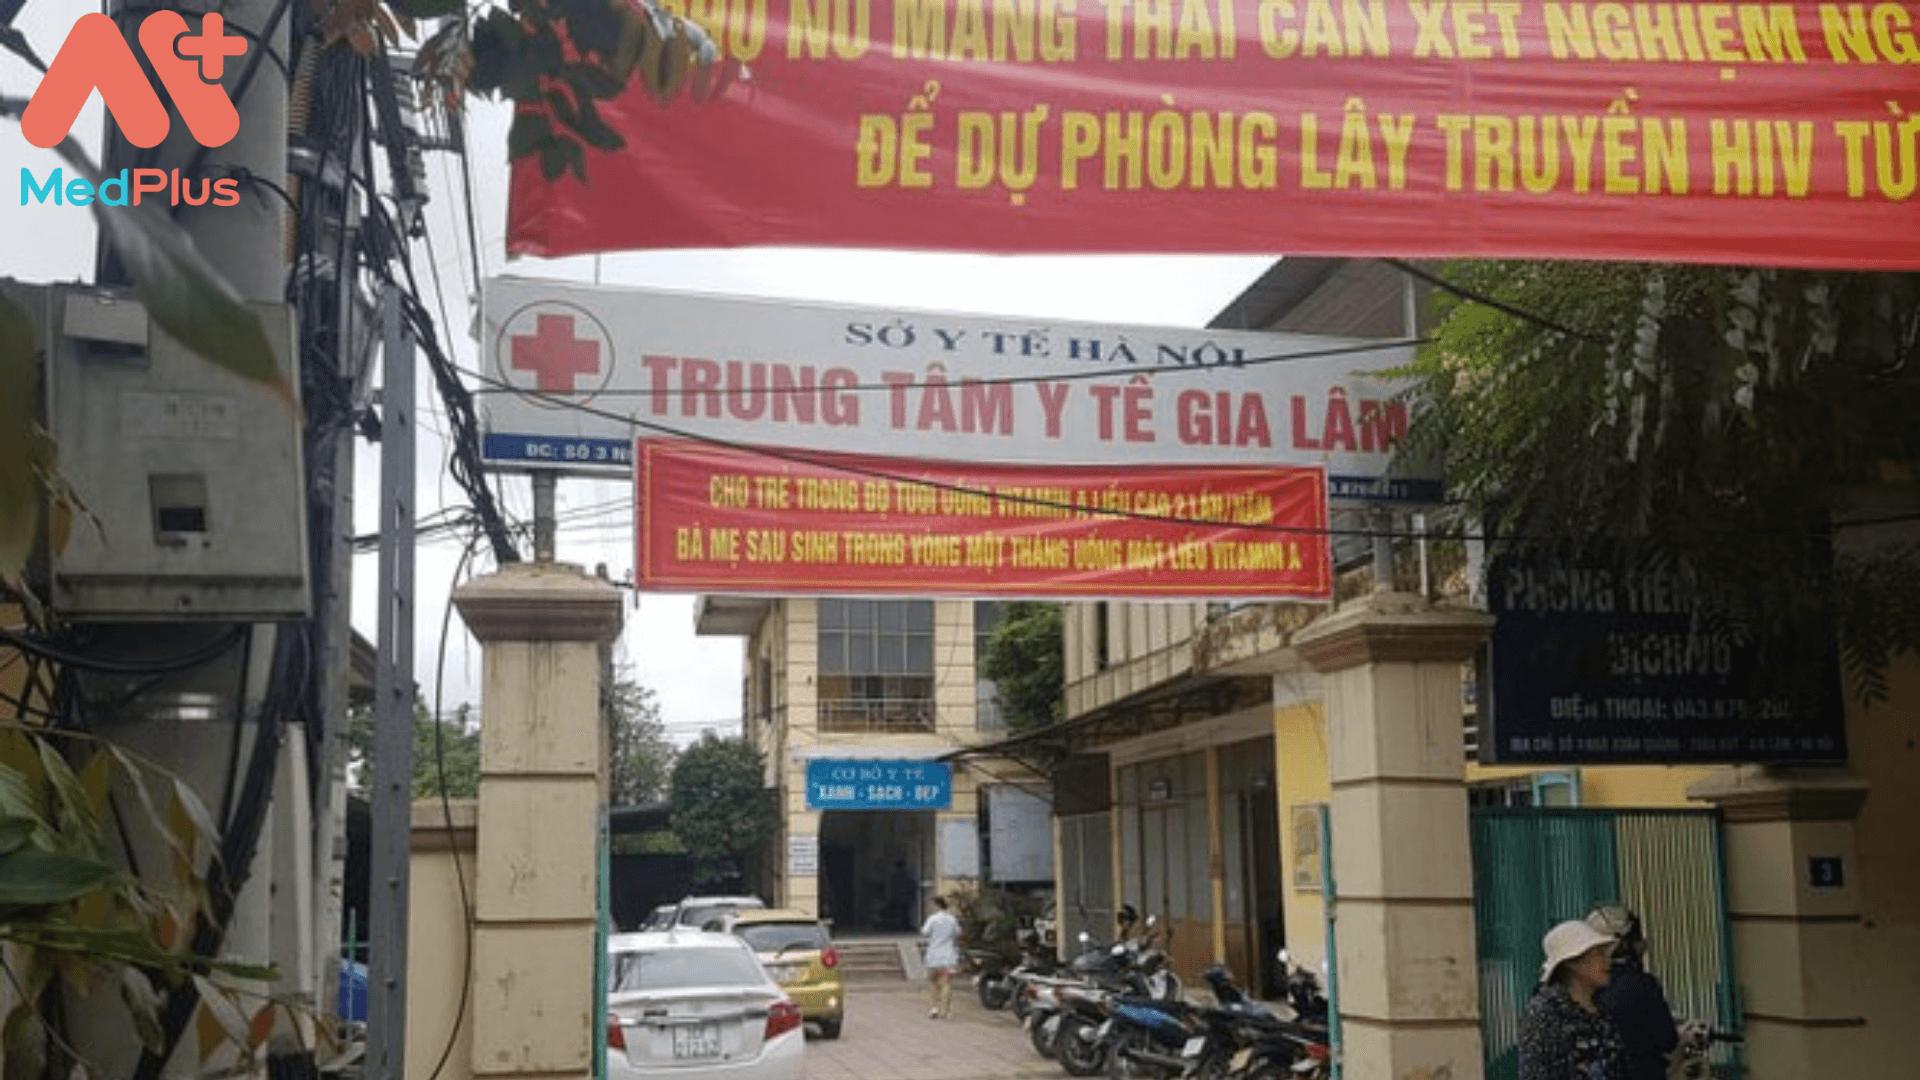 Trung tâm Y tế Gia Lâm Hà Nội